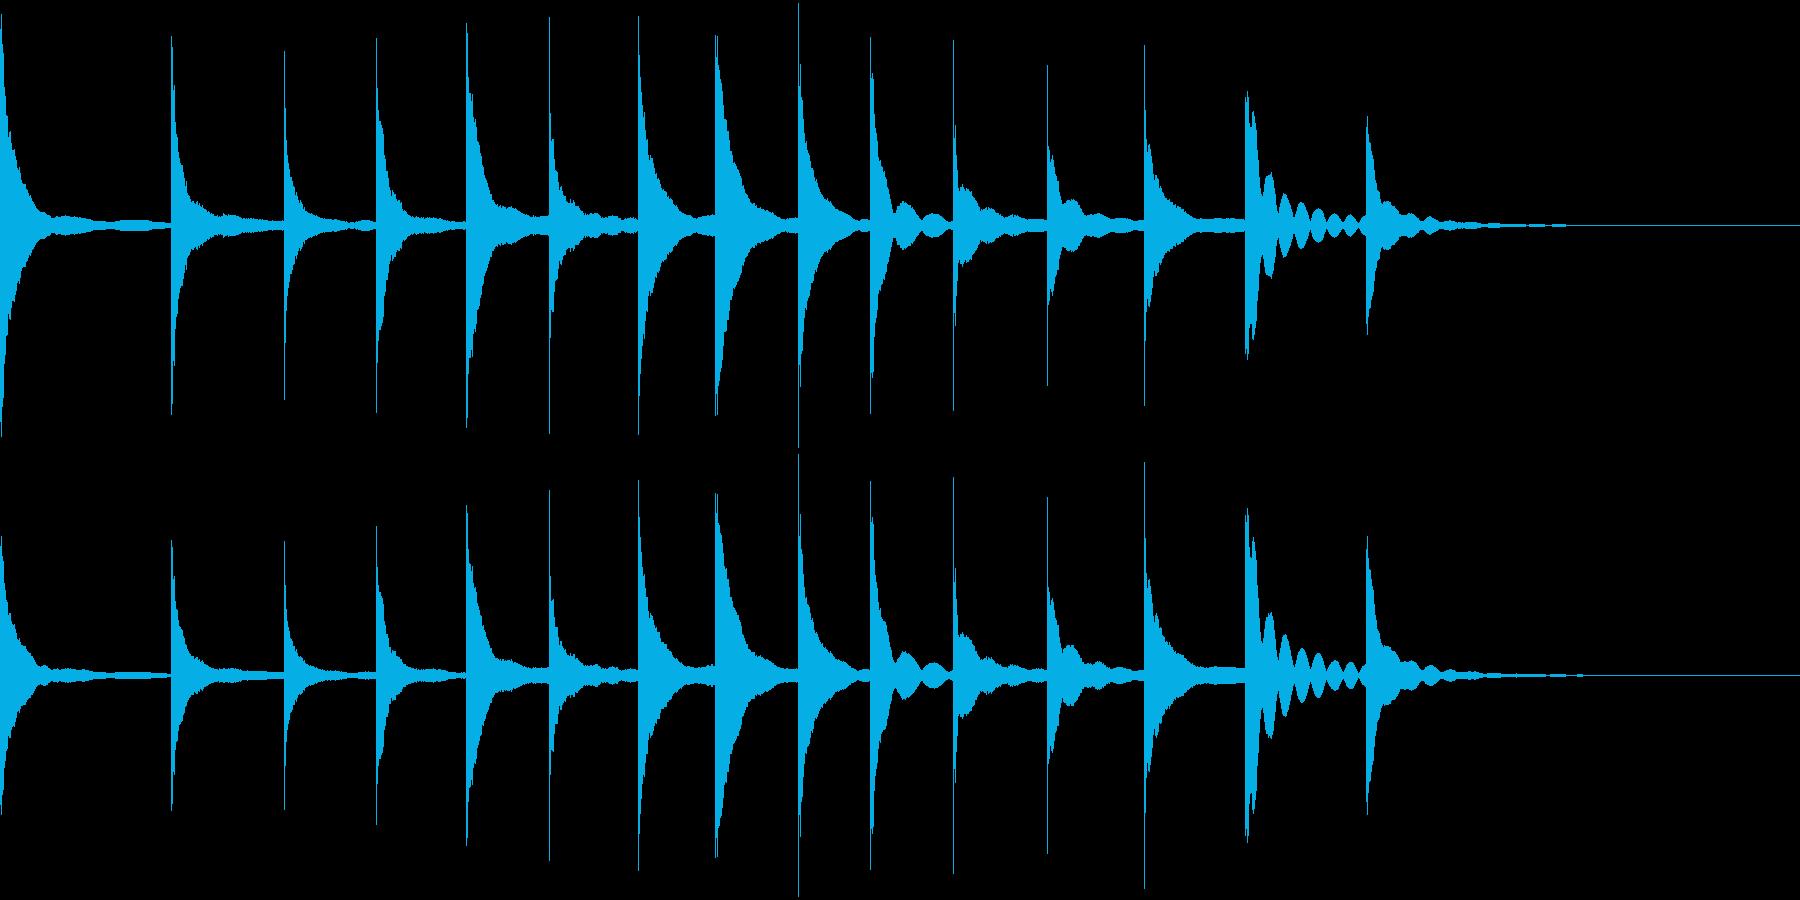 Doremi ドレミ 音階 ゆるかわの再生済みの波形